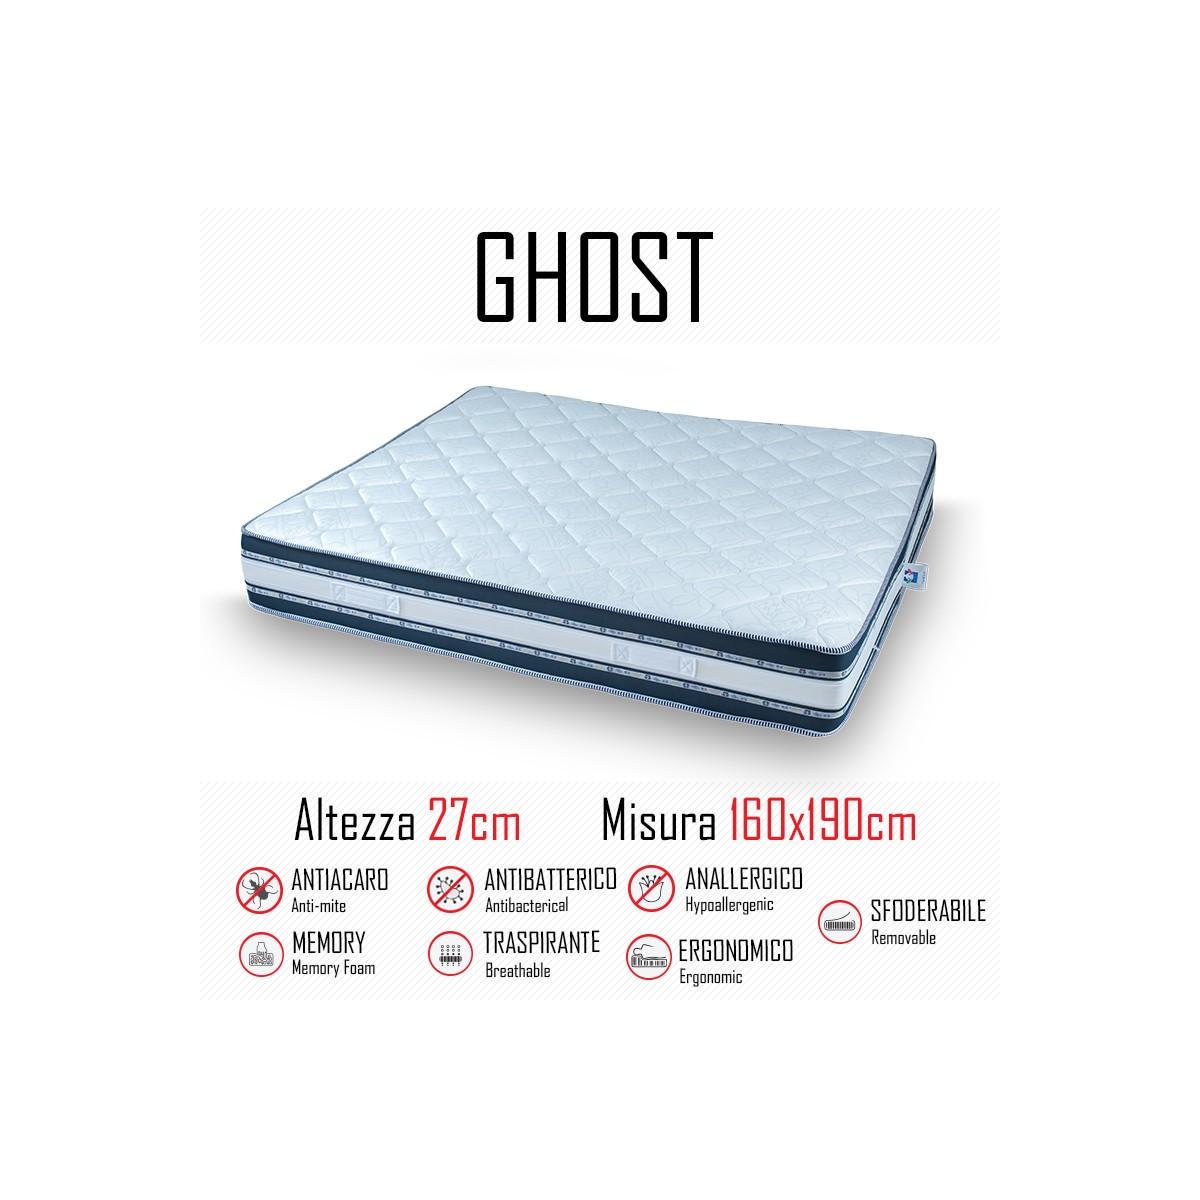 Pulire Materasso Memory Foam materasso ghost sfod 160x190 in gomma e memory alto 27cm